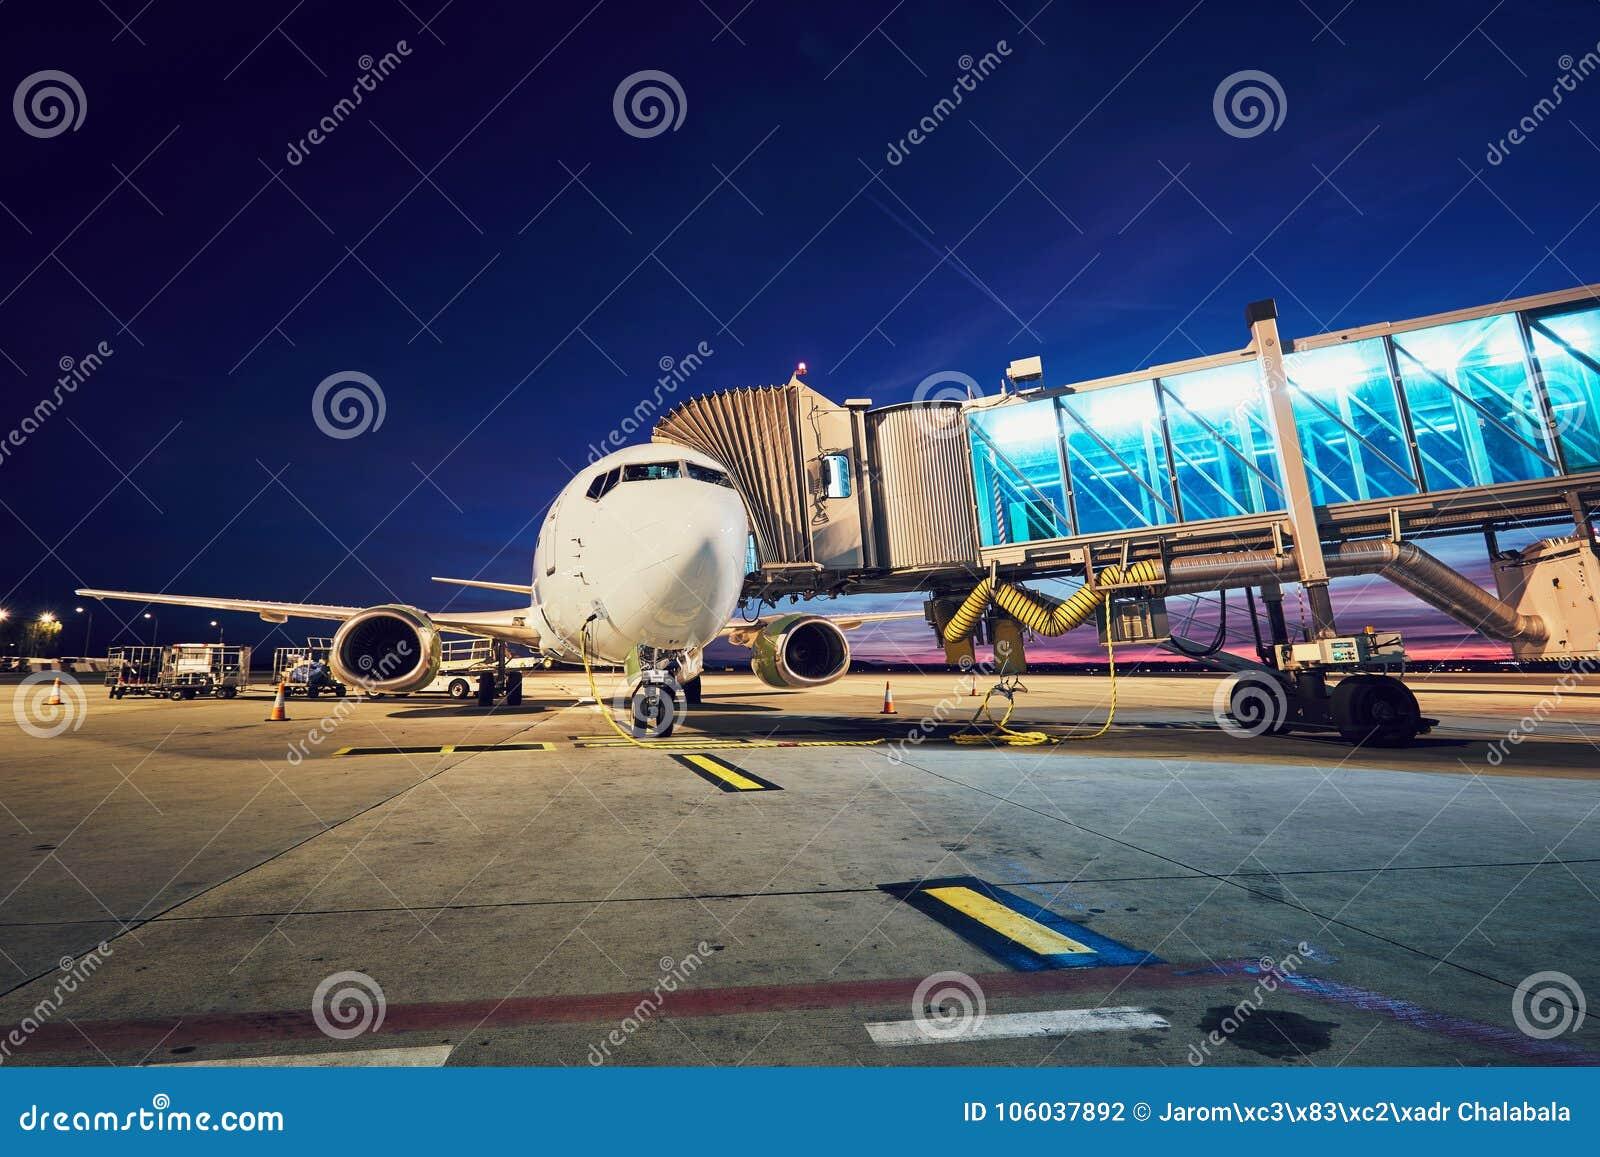 Beschäftigter Flughafen nach Sonnenuntergang